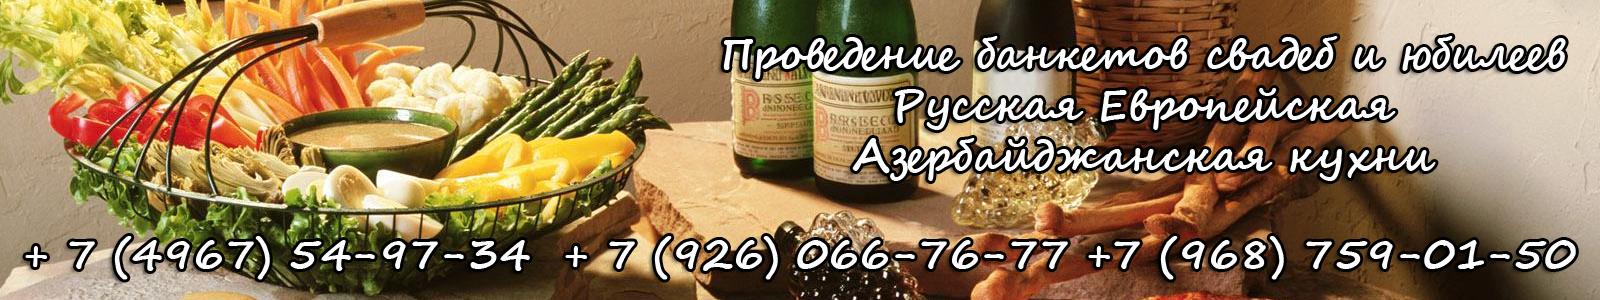 Ресторан Апшерон - русская, европейская и азербайджанская кухня